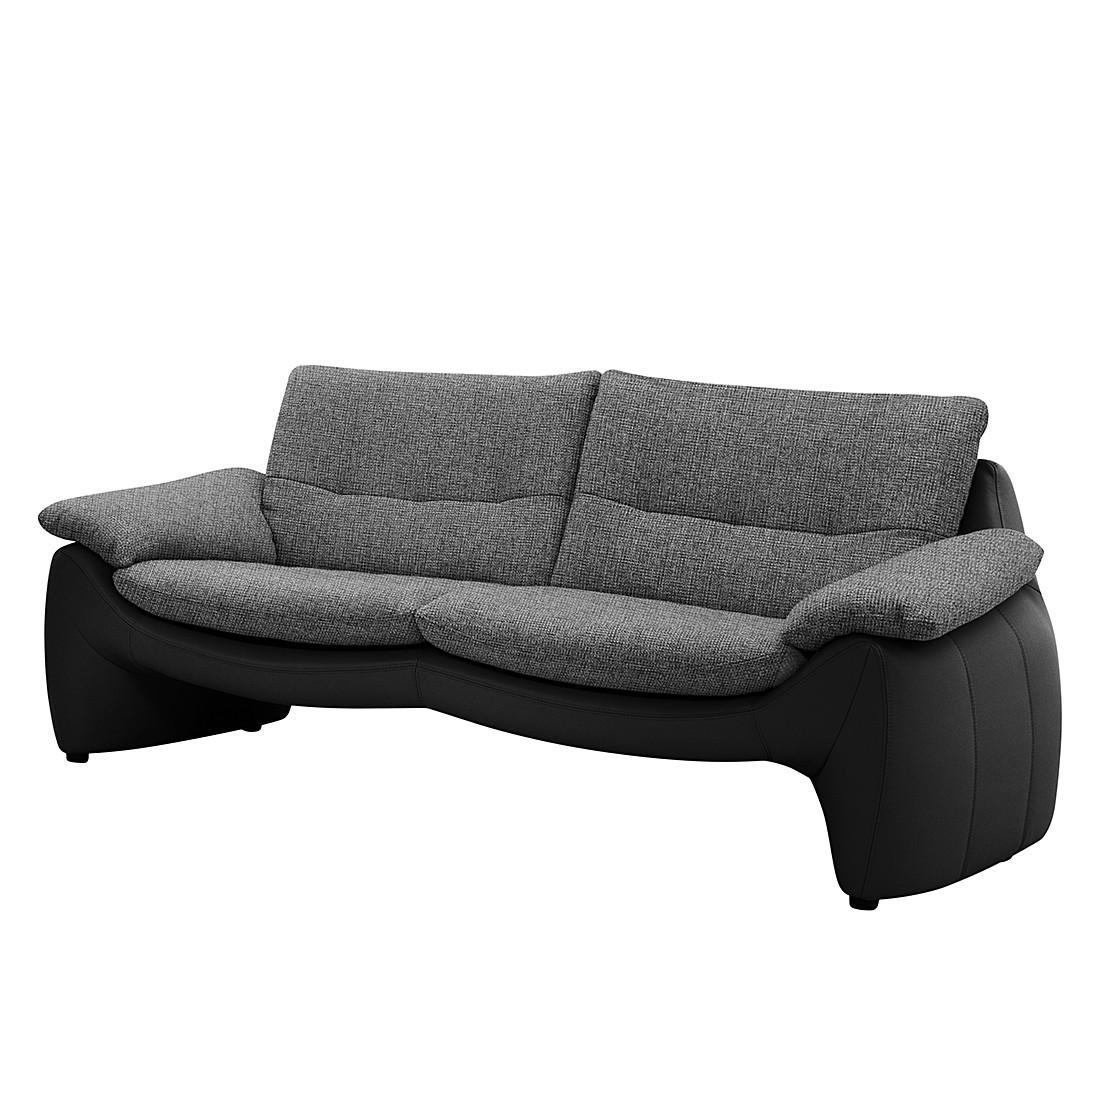 Sofa Giorgio (3-Sitzer) – Kunstleder Schwarz/Strukturstoff Grau – Mit Kopfstütze, Collectione Minetti kaufen